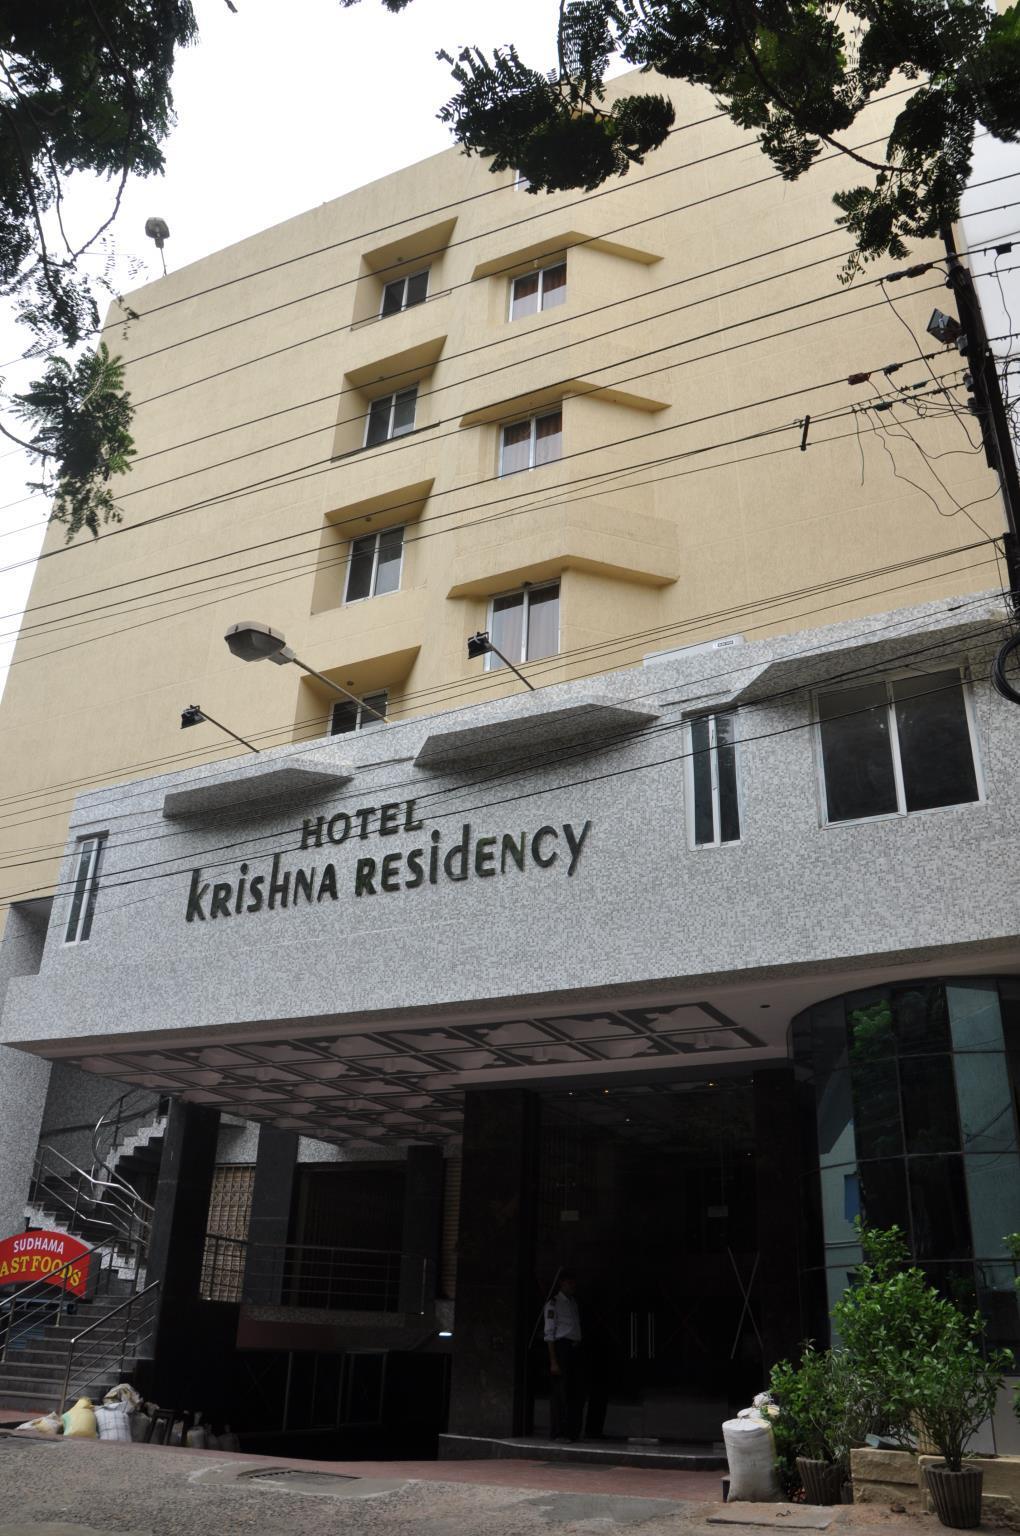 Price Hotel Krishna Residency